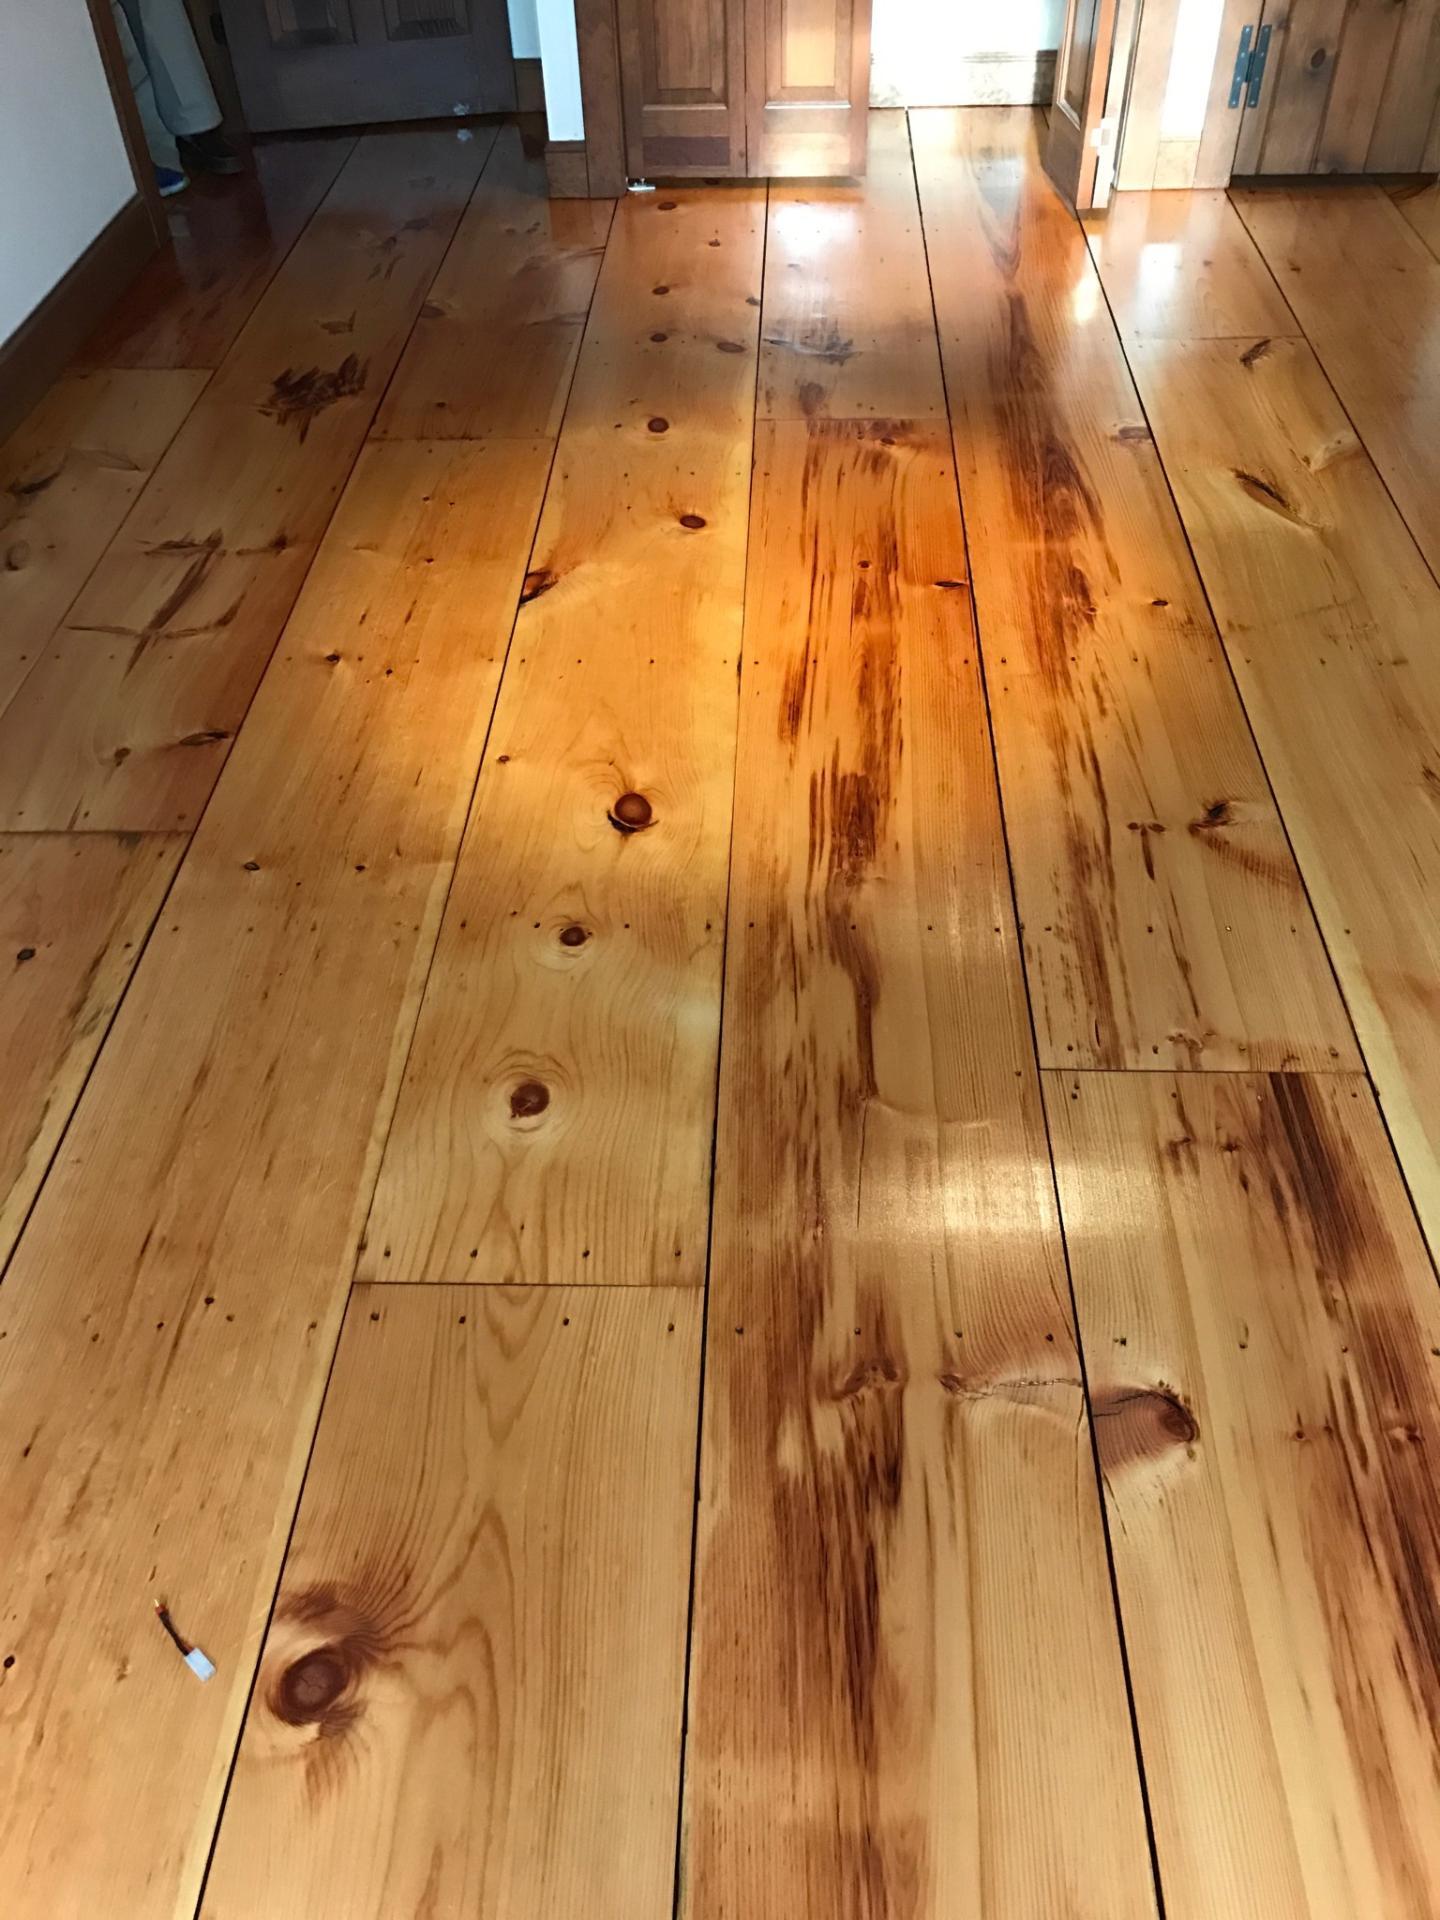 Eastern White Pine Hardwood Floors  Central Mass Hardwood